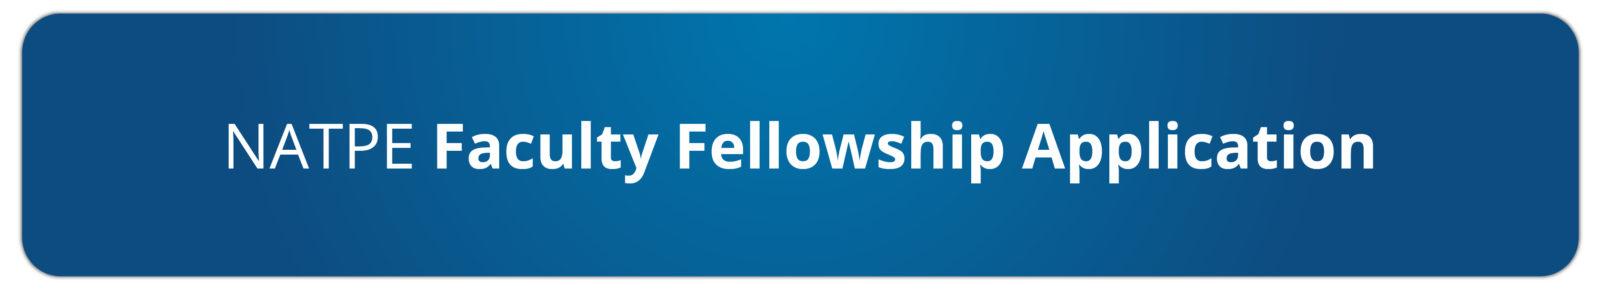 NATPE Faculty Fellowship Application